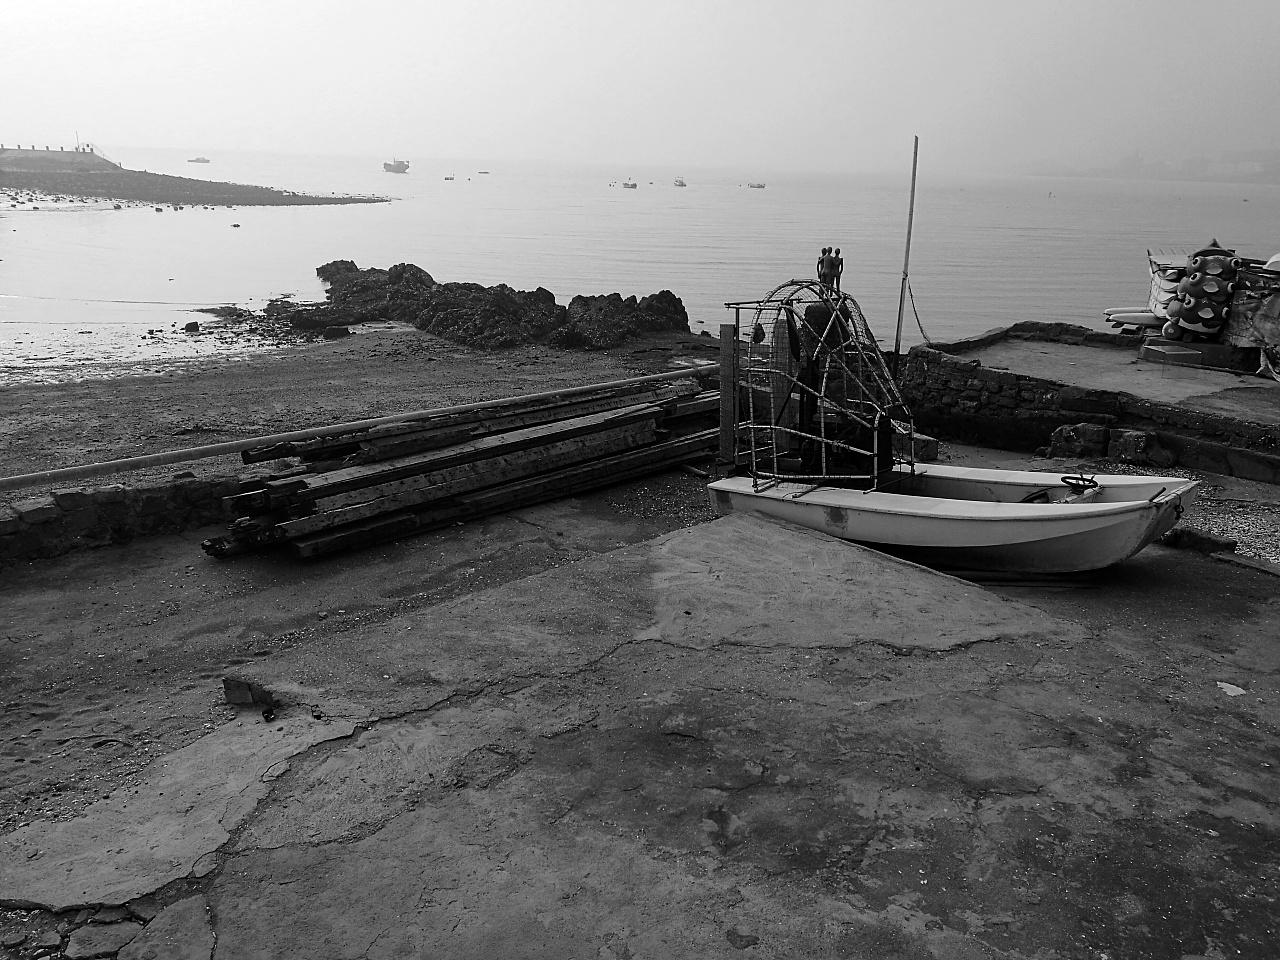 《你好》2017年01月01日14时 橙子 摄 每年到了2月份,整个青岛的海边